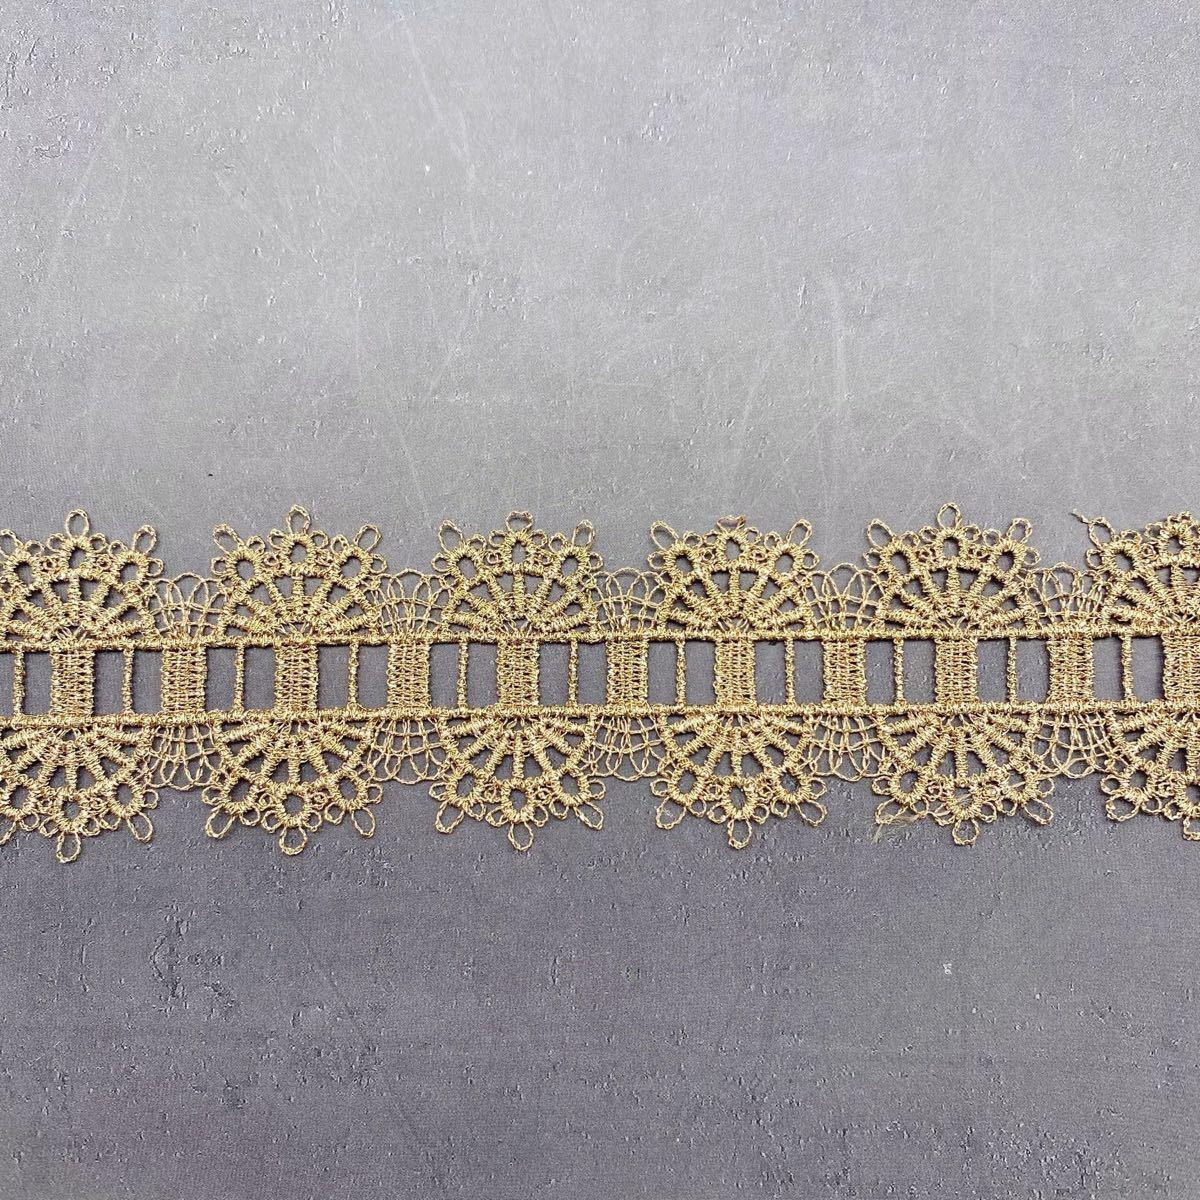 刺繍レース リボン ゴールド  結婚式  パーツ 金No.022 花柄 ハギレ ケミカルレース チュールレース ラッセルレース